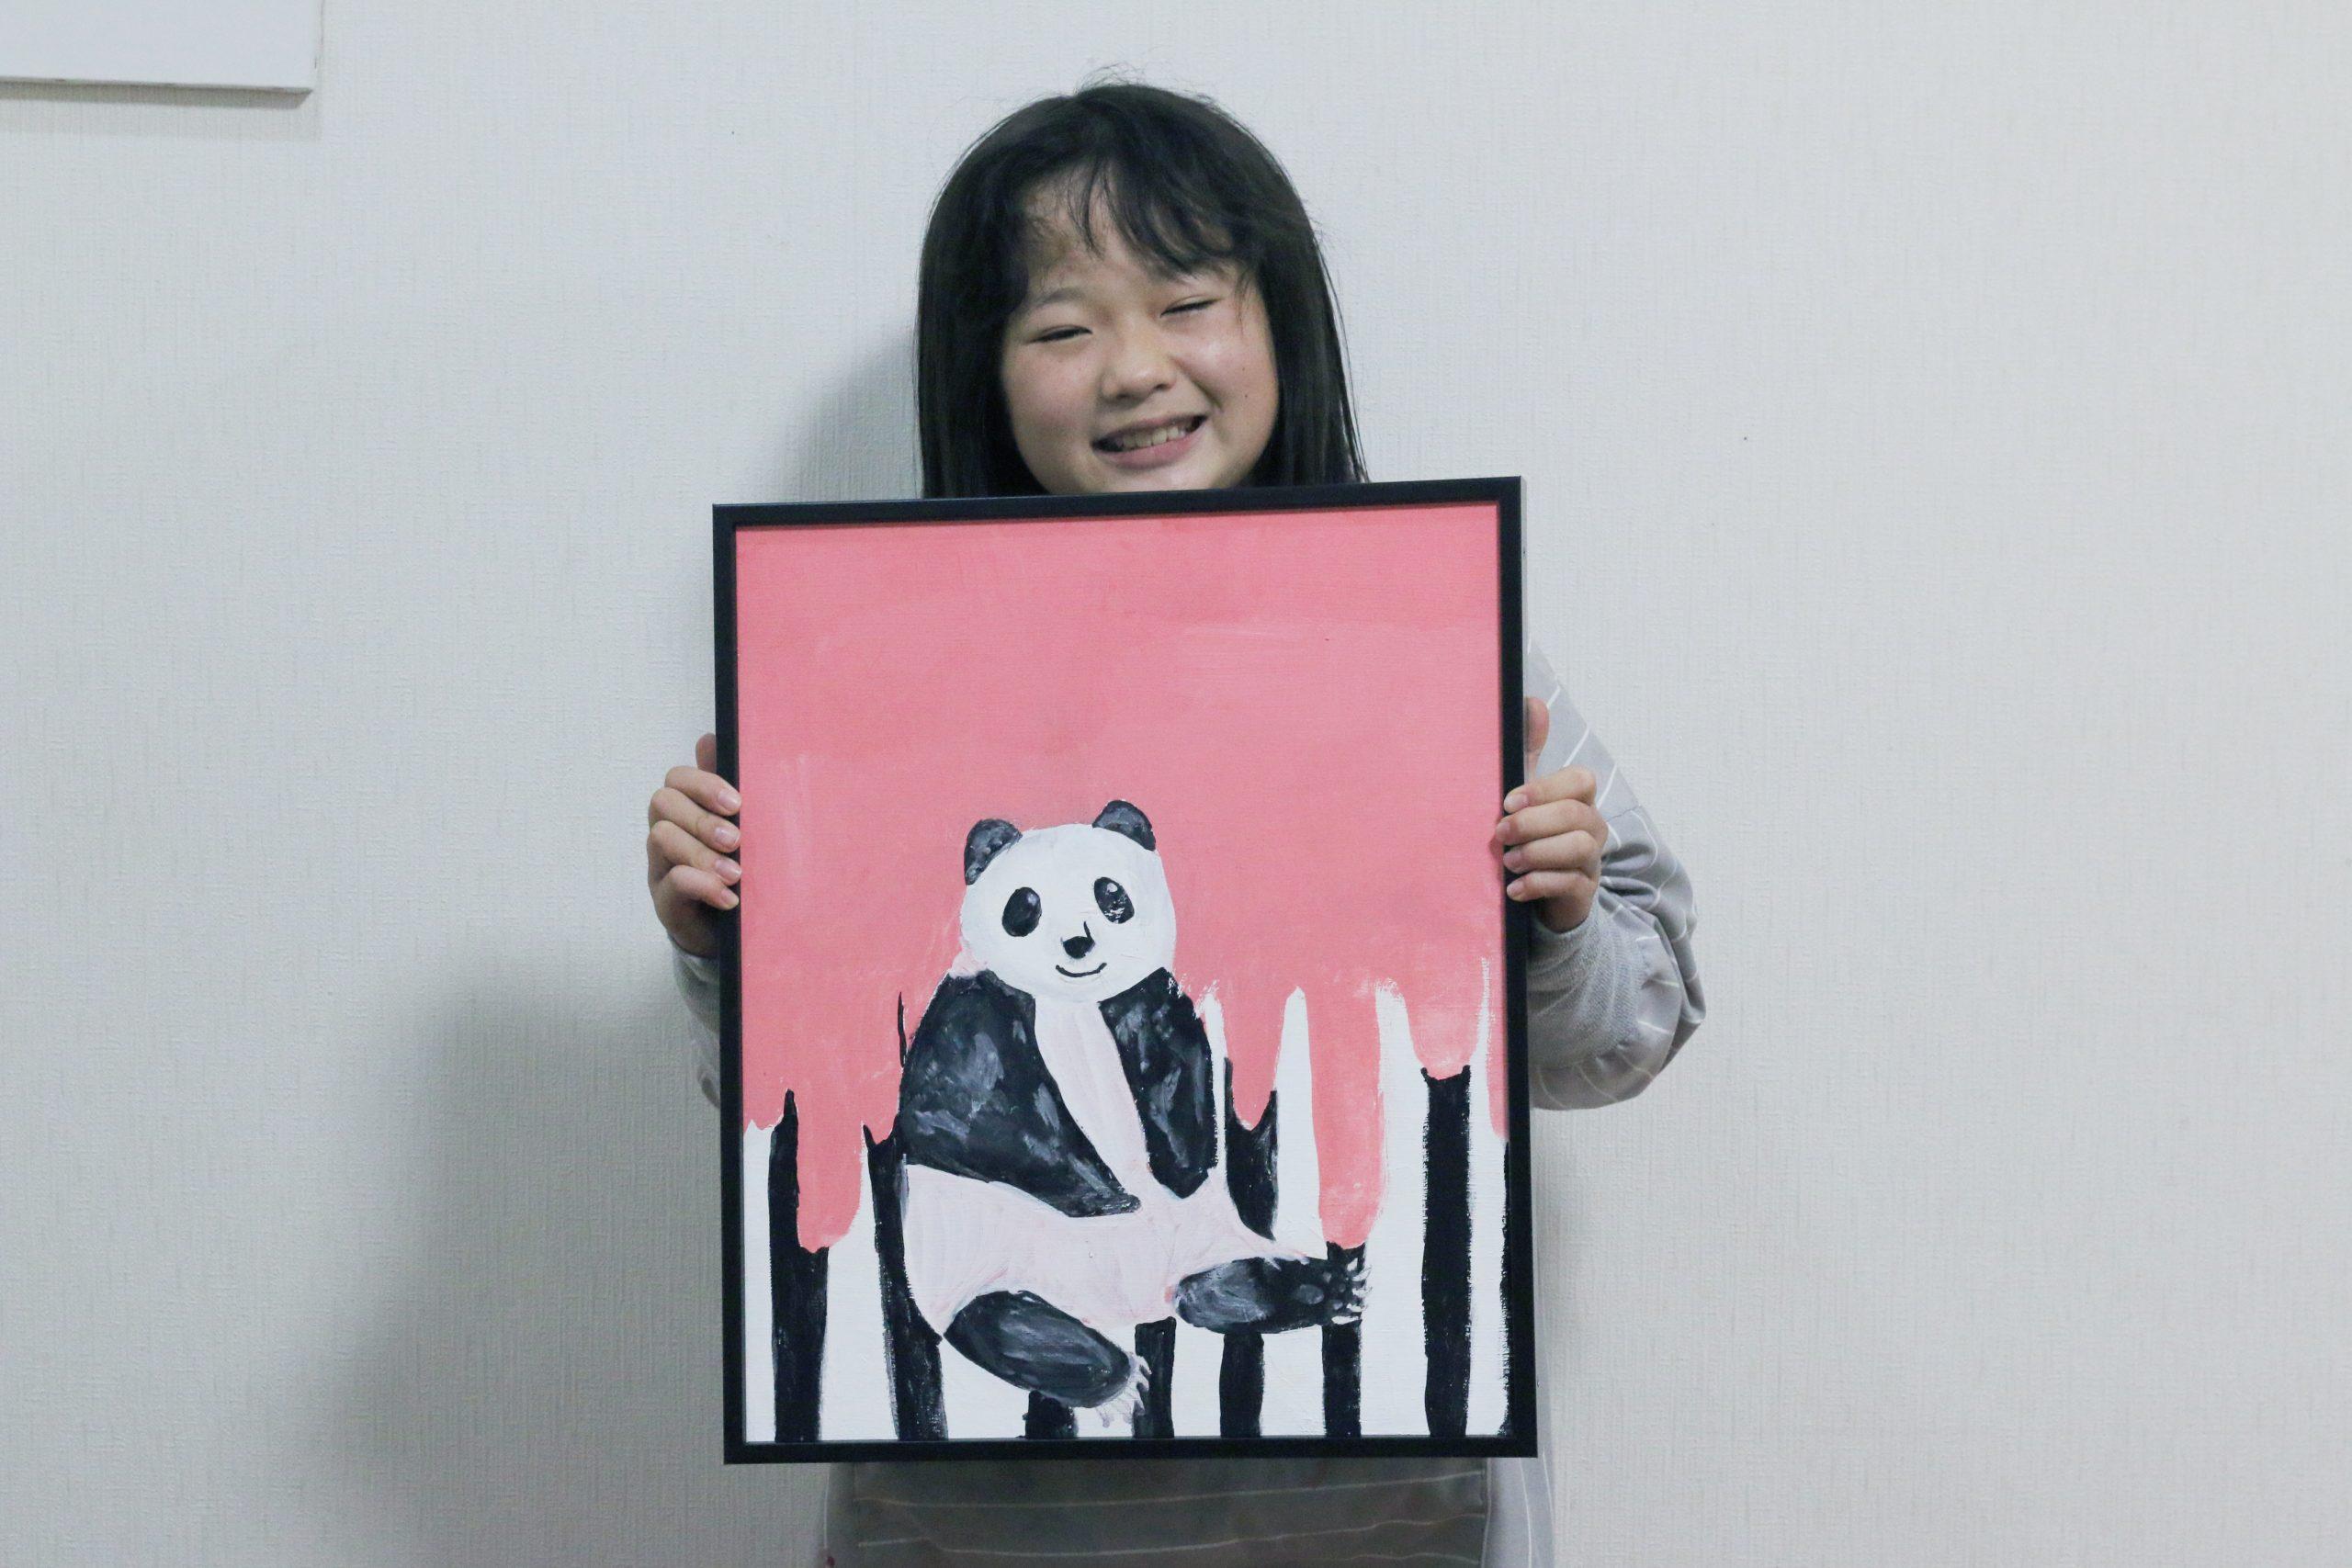 『パンダ』絵画子どもクラス 内田釉香ちゃん イメージ画像